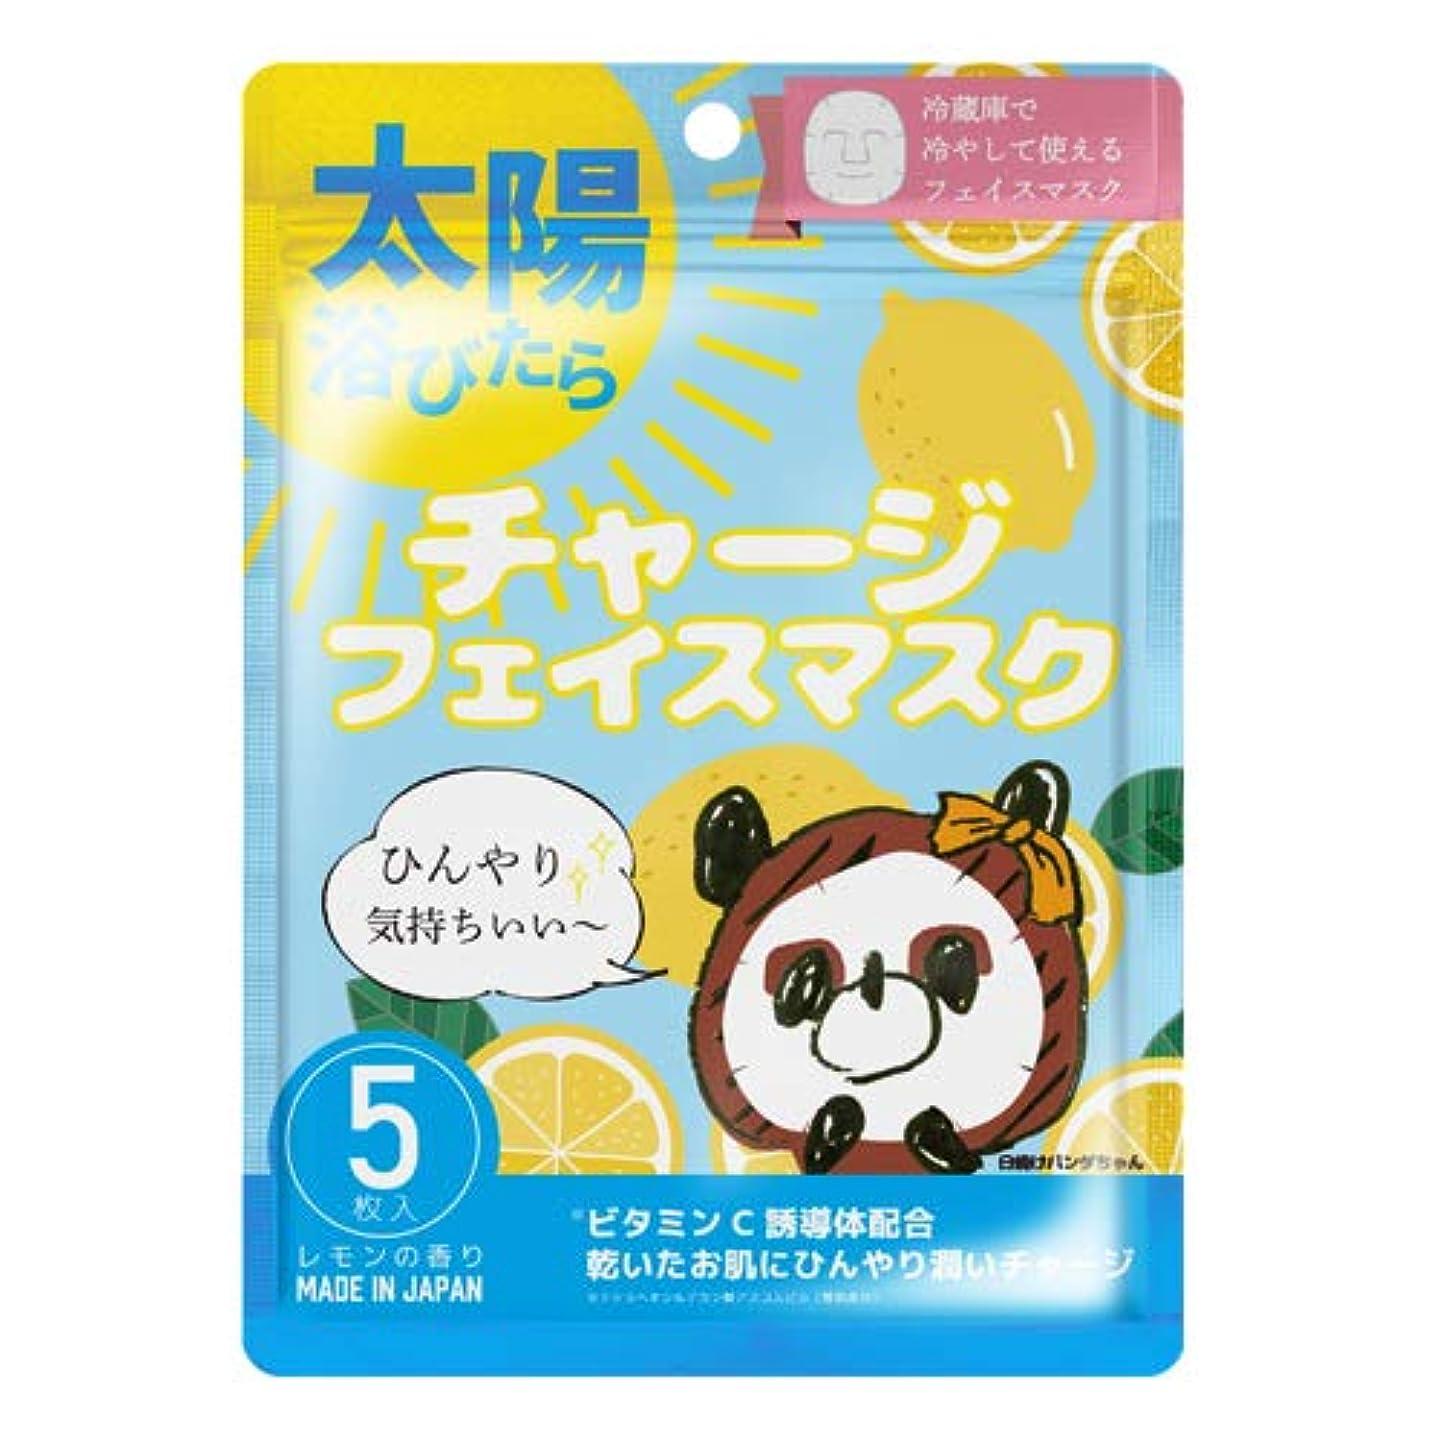 ケーブル習慣葉っぱチャージフェイスマスク Charge Face Mask / 美容 フェイスマスク 日焼け 潤い レモン スキンケア